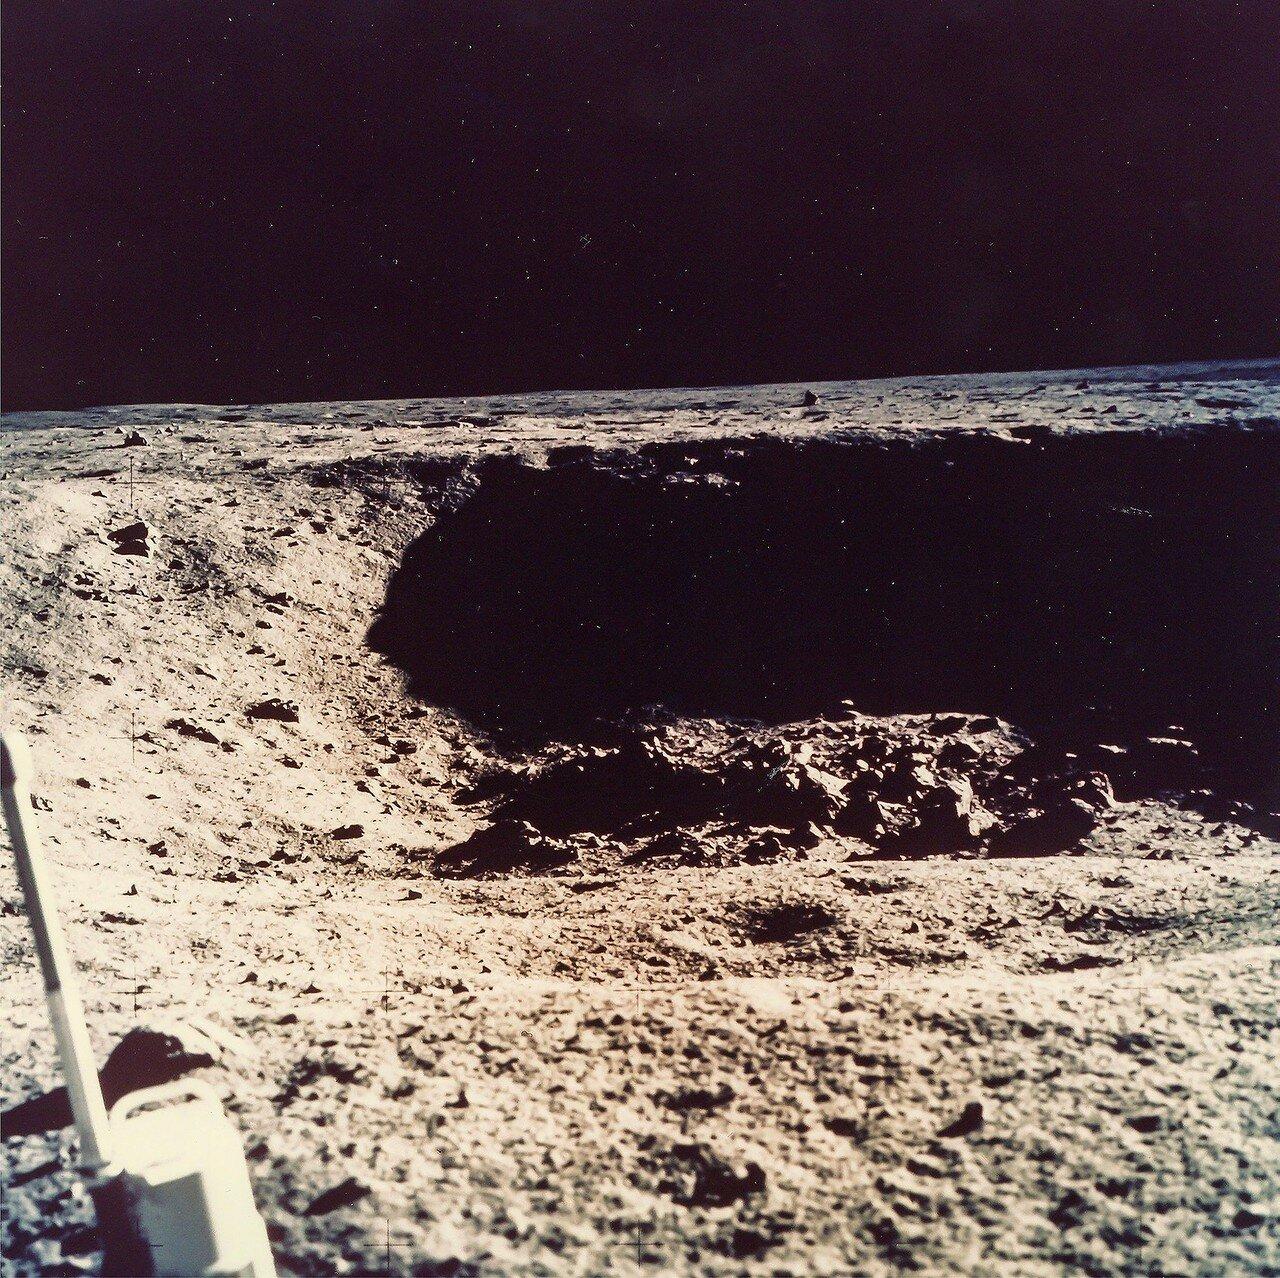 На высоте около 460 м Армстронг увидел, что автопилот ведёт корабль в точку на ближнем краю большого кратера, окружённого полем валунов до 2—3 метров в поперечнике (позднее было установлено, что это кратер Уэст, диаметром 165 м).  На снимке кратер Уэст